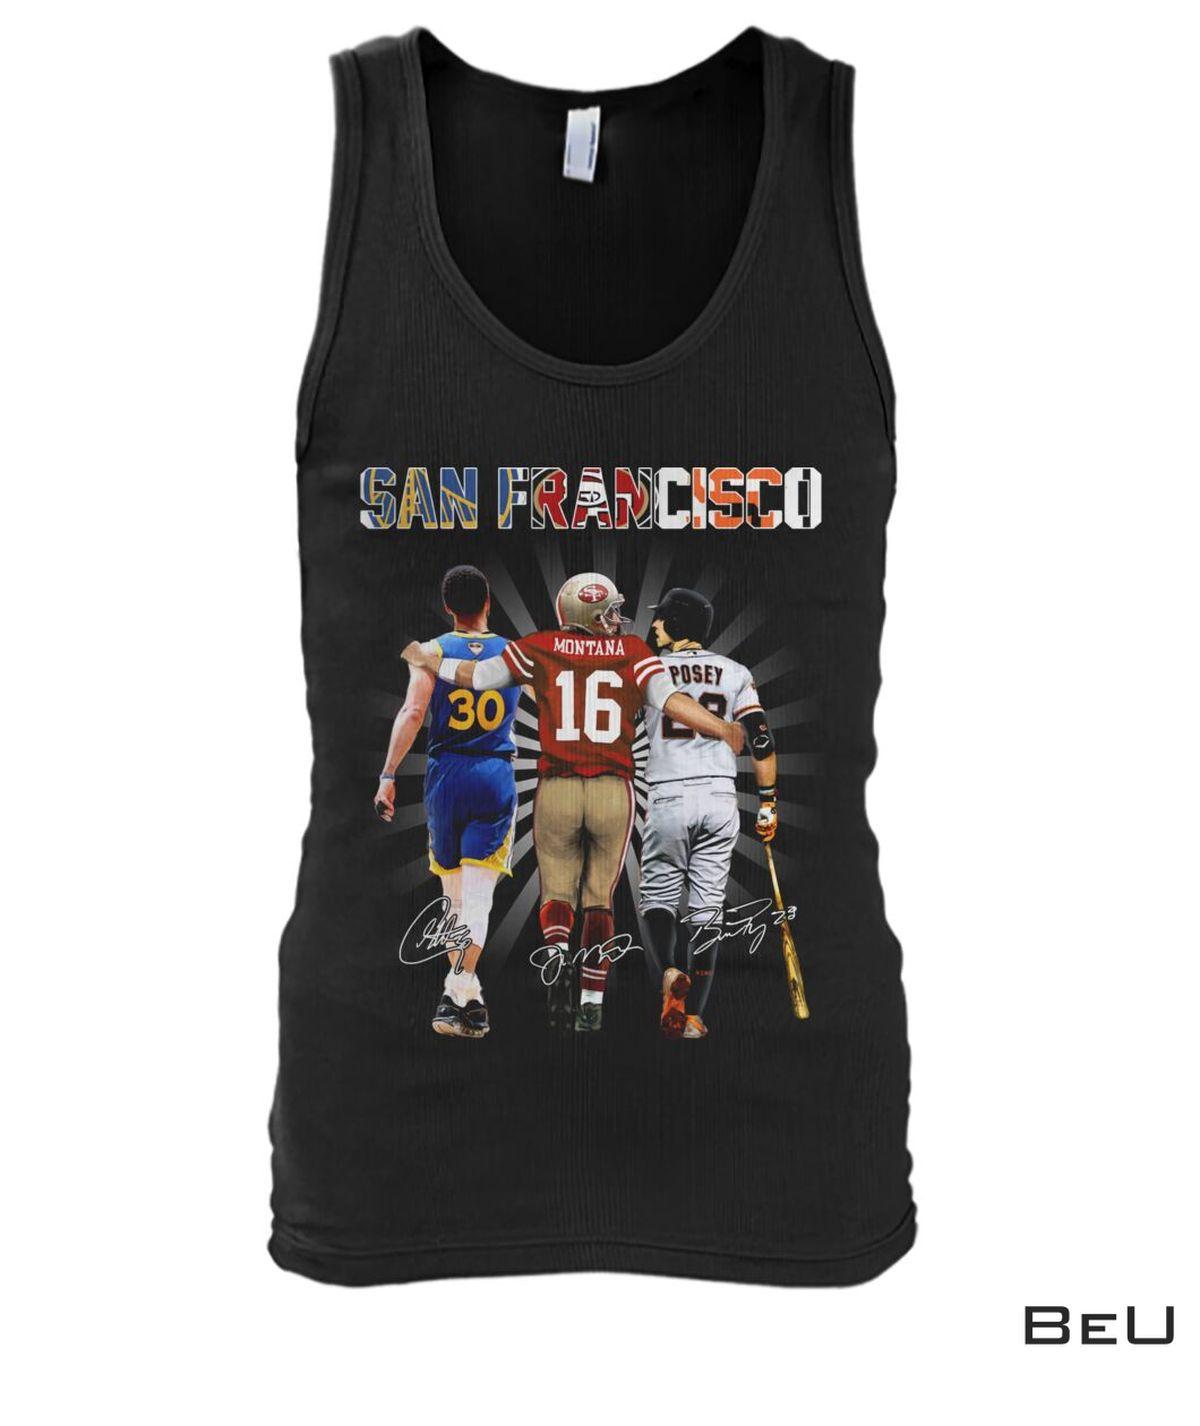 San Francisco Montana Shirt c